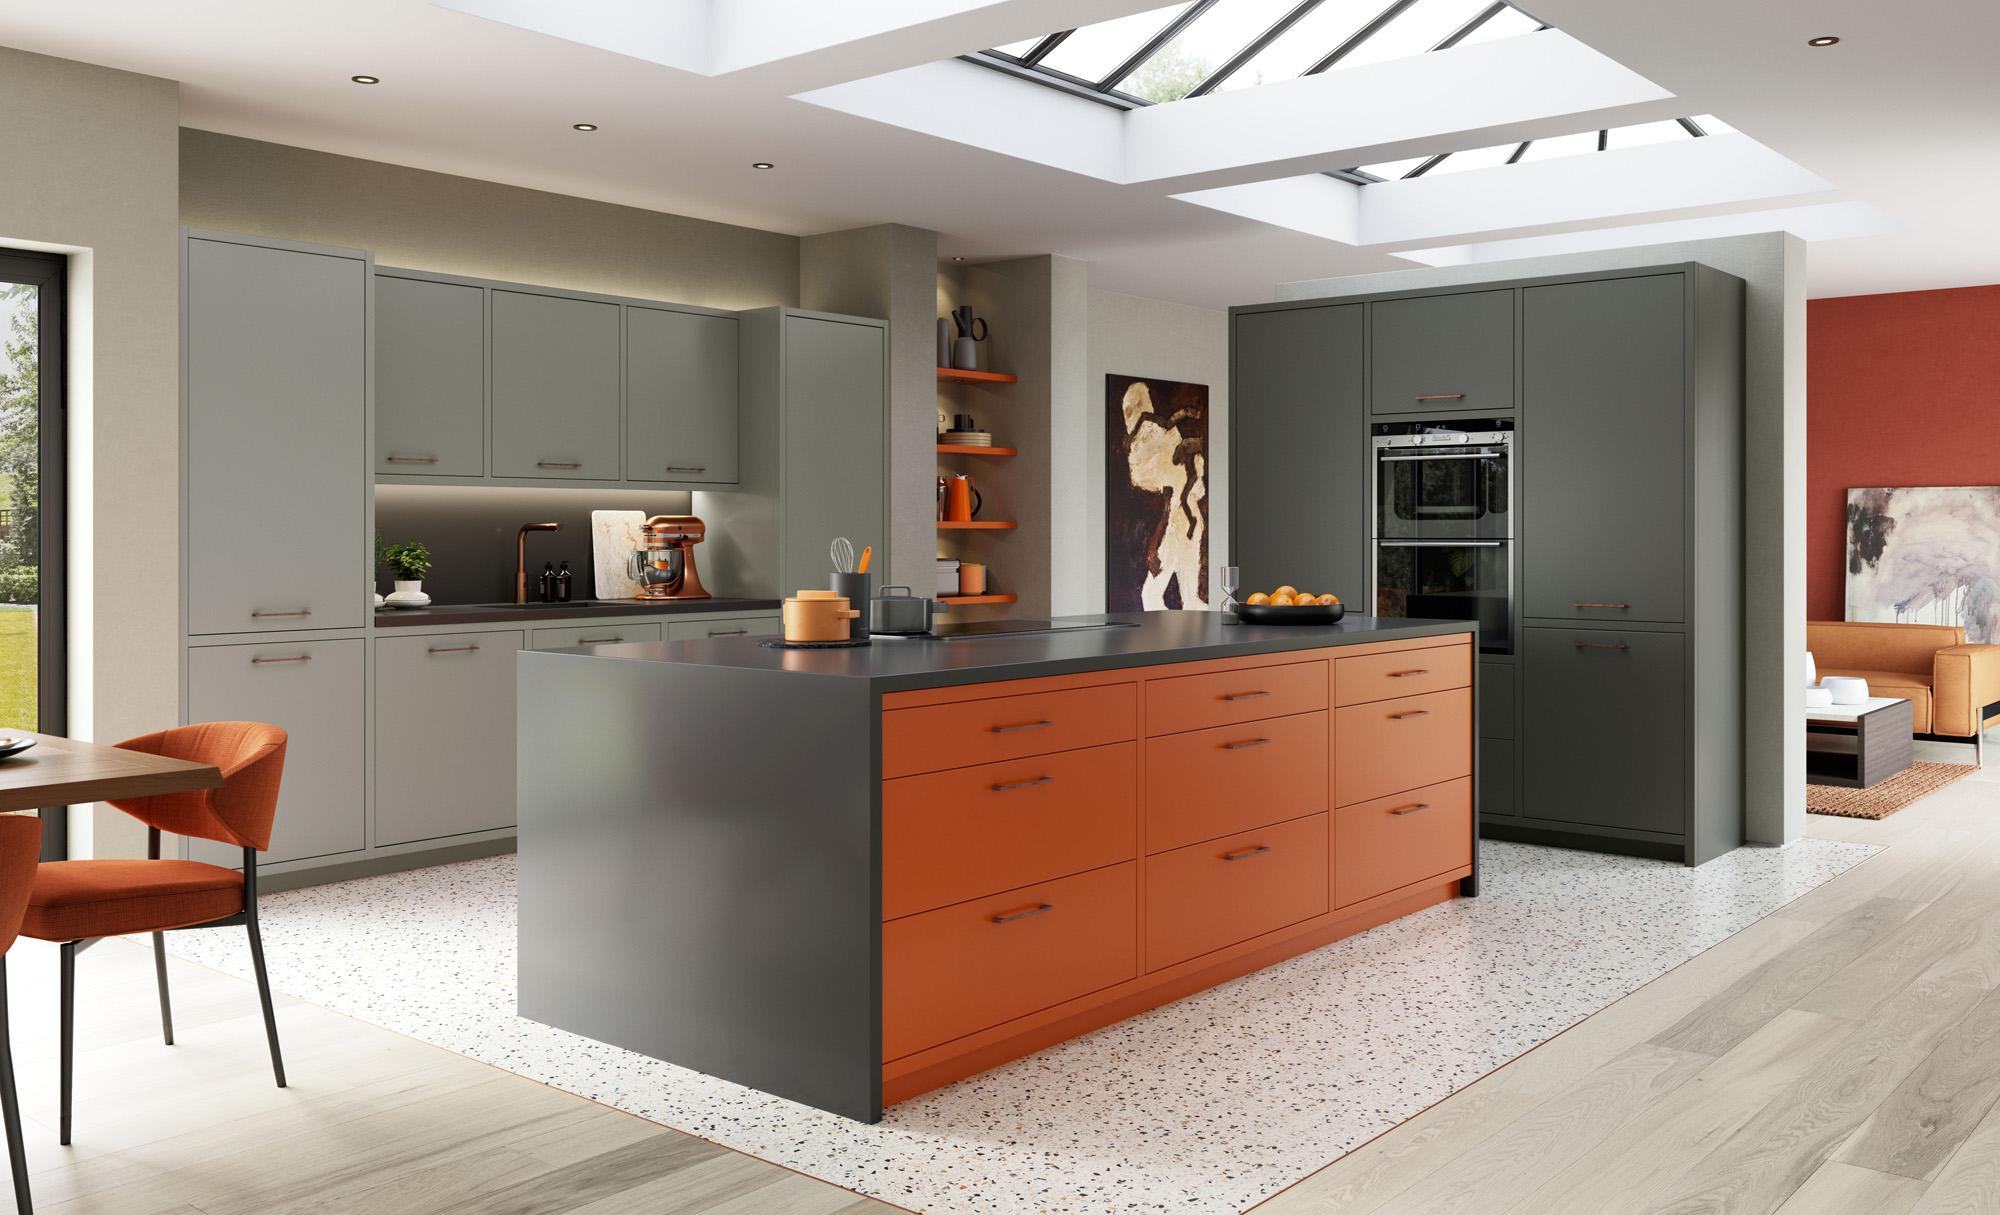 http://www.gurteenkitchens.ie/wp-content/uploads/2019/05/modern-contemporary-zola-matte-zingy-orange-graphite-dust-grey-kitchen-hero-1.jpg